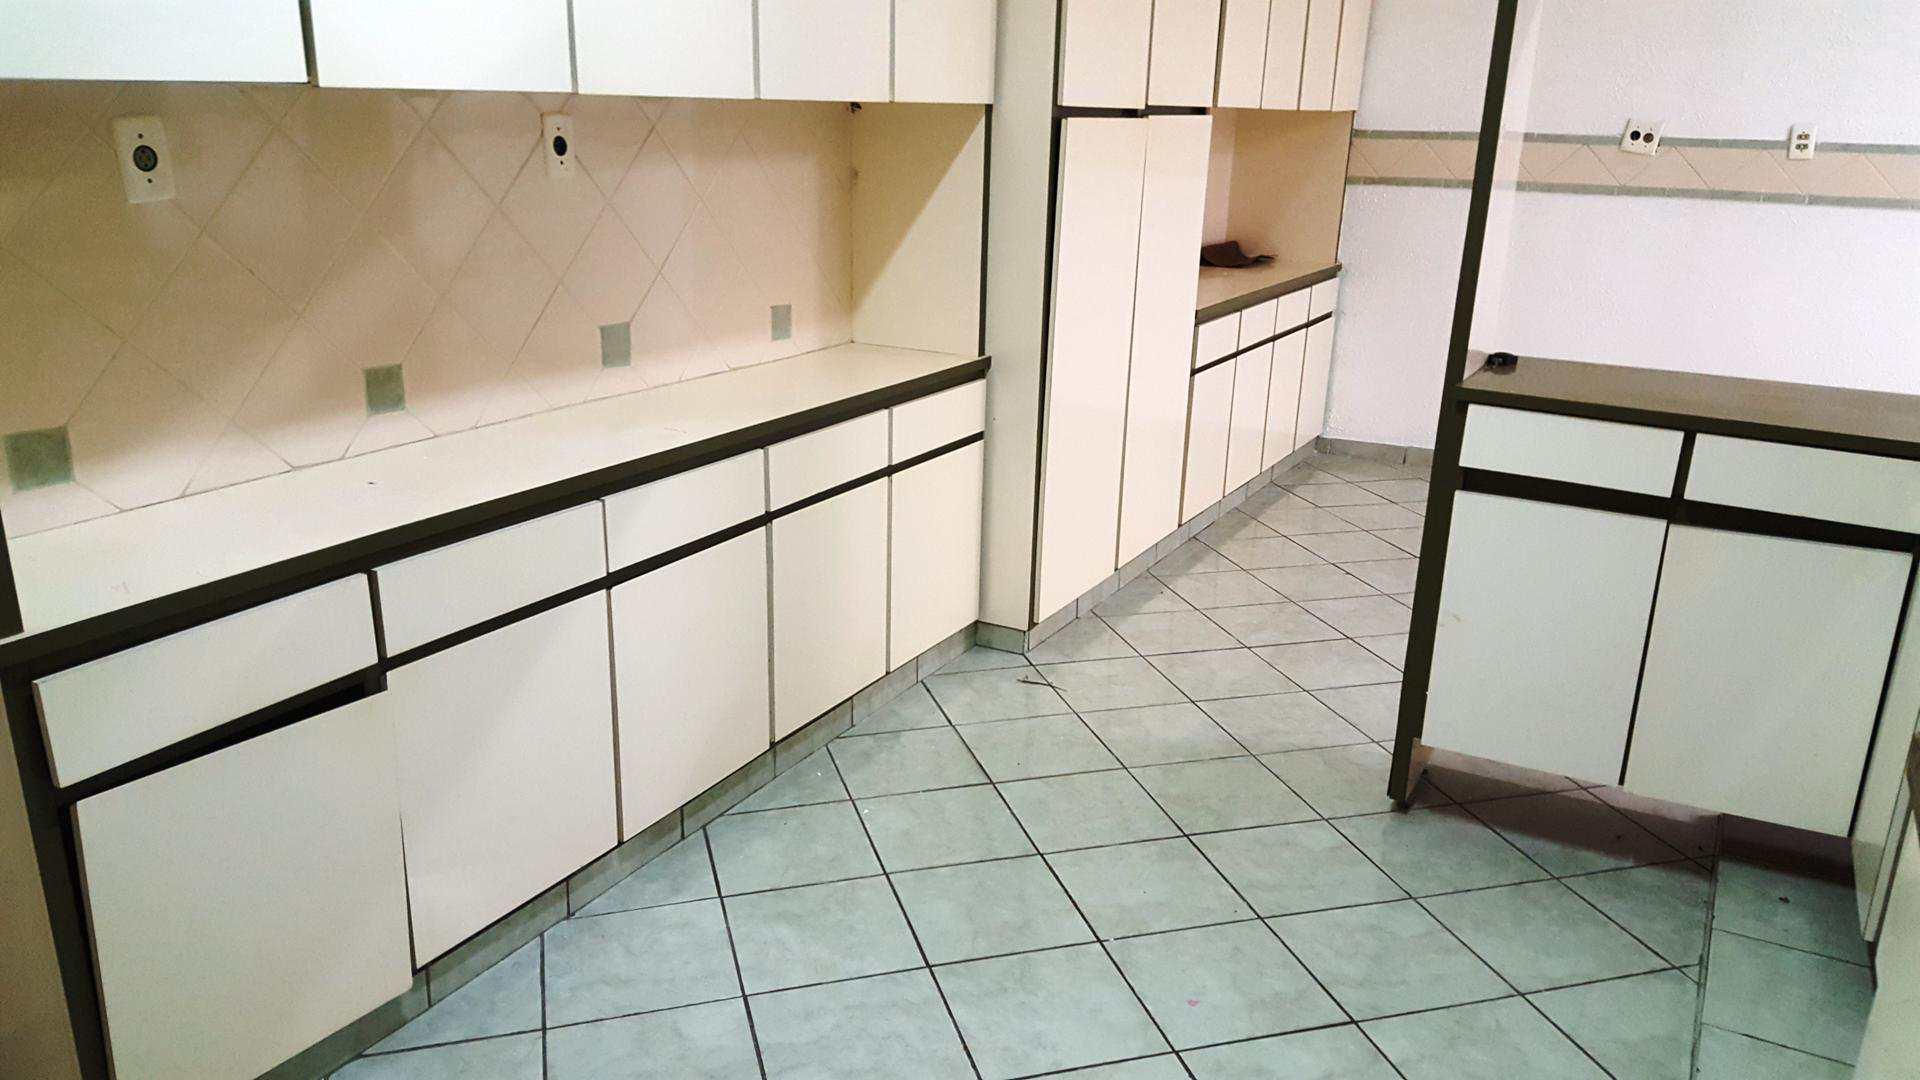 D - cozinha (6)